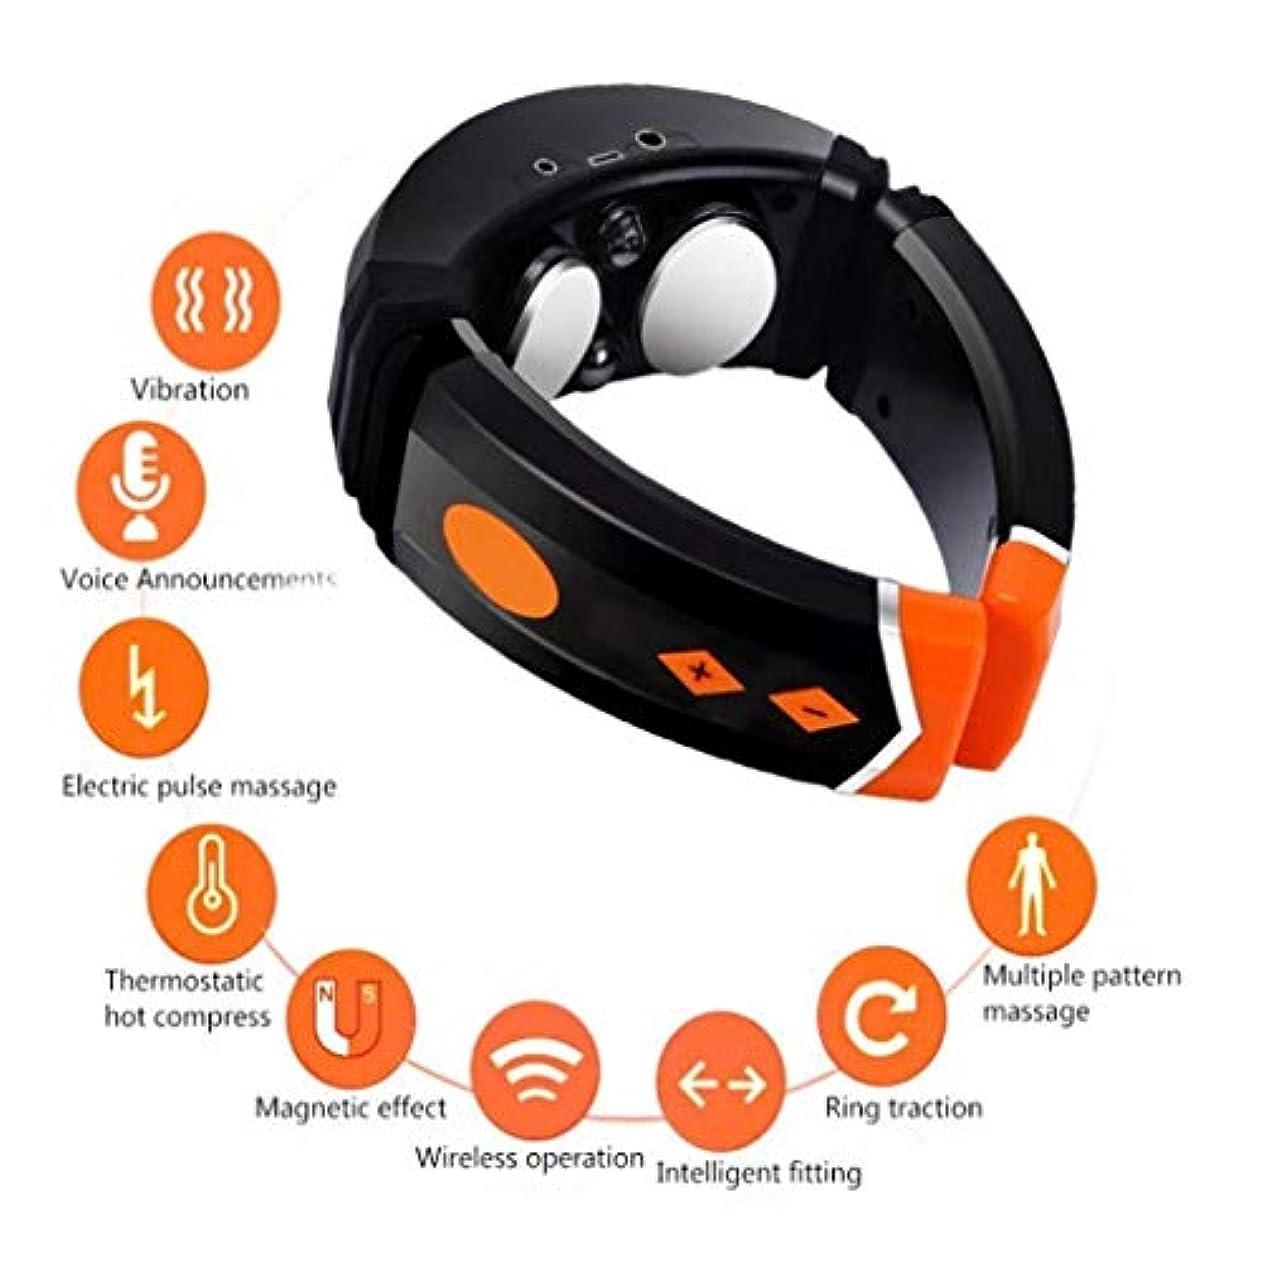 市の中心部レンディションエンディング首のマッサージャー、3D首のマッサージャー、ストレスや痛みを和らげる暖房/音声放送/Bluetooth音楽/多機能マッサージ